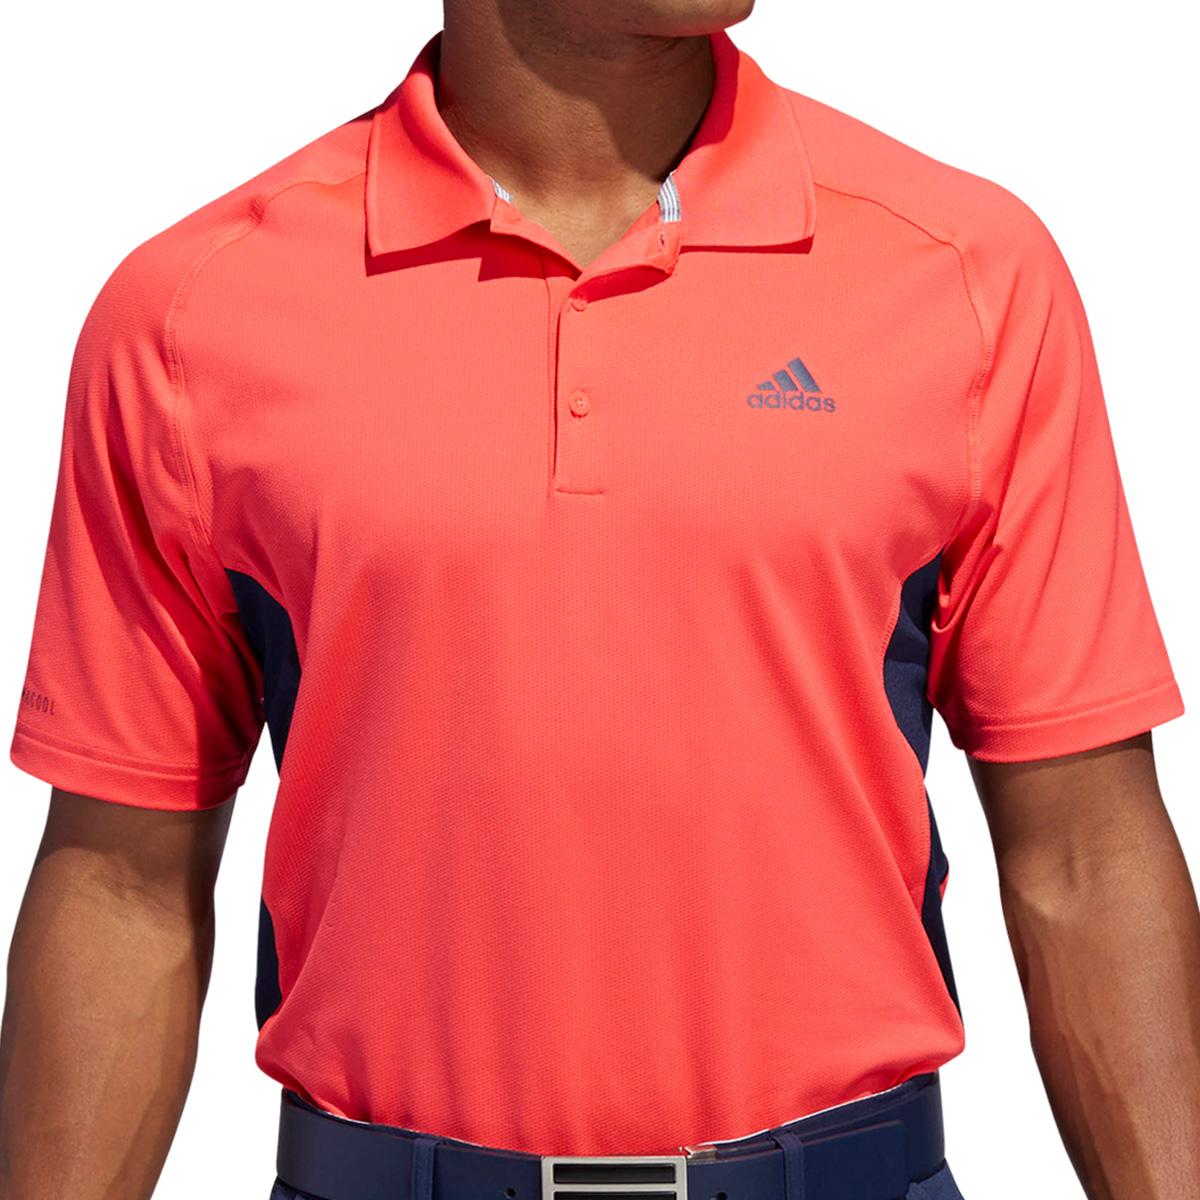 ストレッチ ULTIMATE365 climacool カラーブロック 半袖ポロシャツ